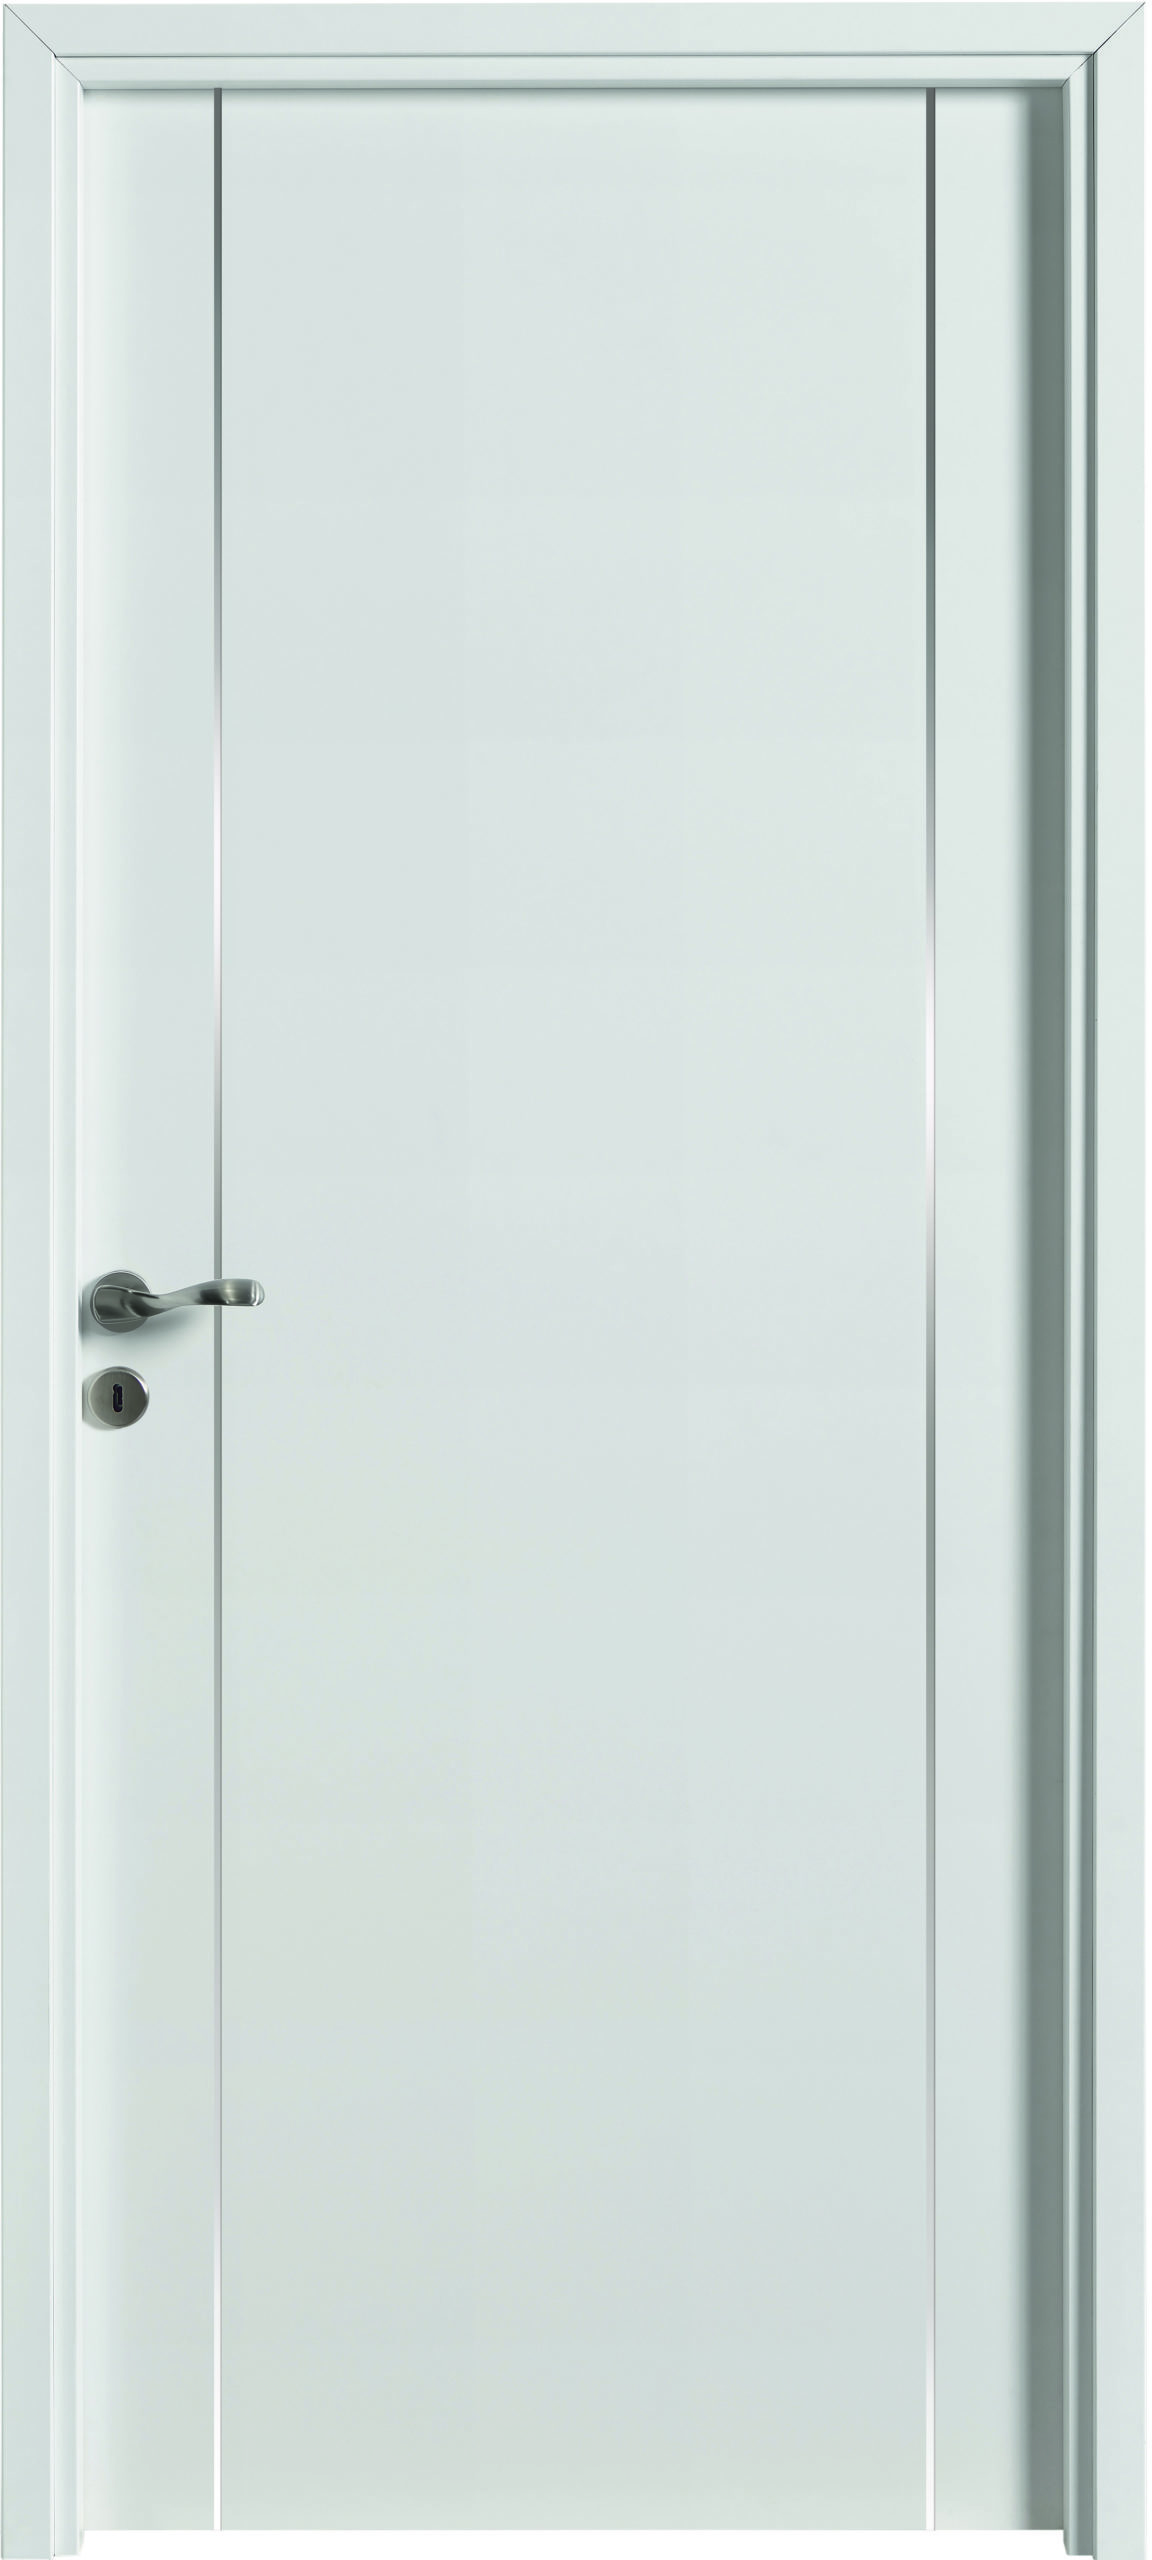 Porte d'intérieur Sobo